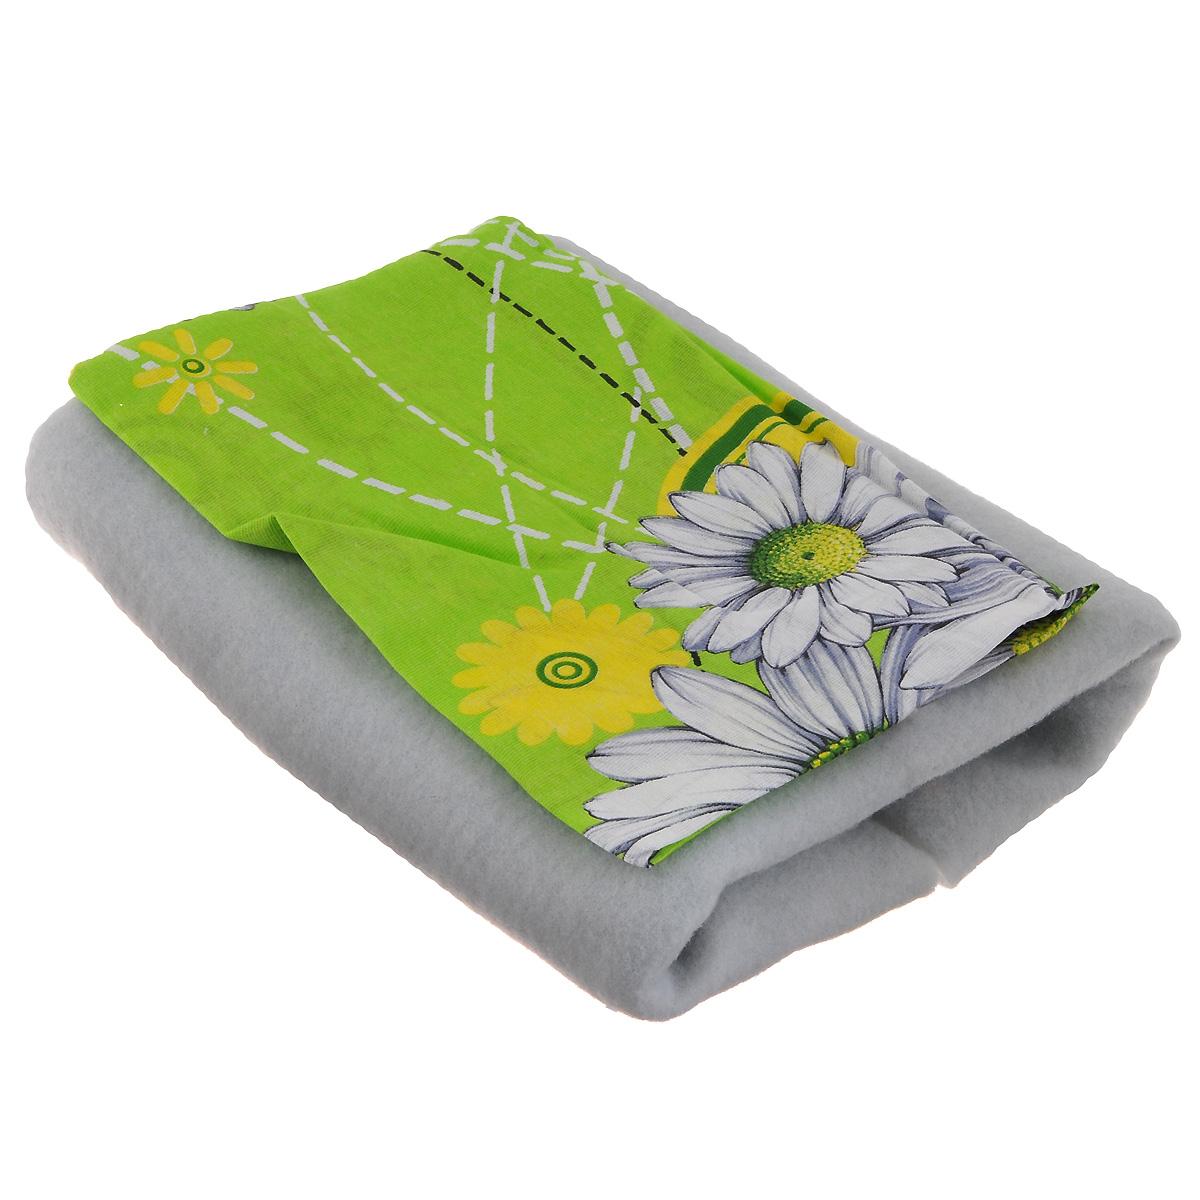 Чехол для гладильной доски Detalle, цвет: зеленый, желтый, 125 х 47 смЕ1301Чехол для гладильной доски Detalle, выполненный из хлопка с подкладкой из мягкого войлочного материала, предназначен для защиты или замены изношенного покрытия гладильной доски. Чехол снабжен стягивающим шнуром, при помощи которого вы легко отрегулируете оптимальное натяжение чехла и зафиксируете его на рабочей поверхности гладильной доски. Этот качественный чехол обеспечит вам легкое глажение. Размер чехла: 125 см x 47 см. Максимальный размер доски: 120 см х 42 см. Размер войлочного полотна: 130 см х 52 см.